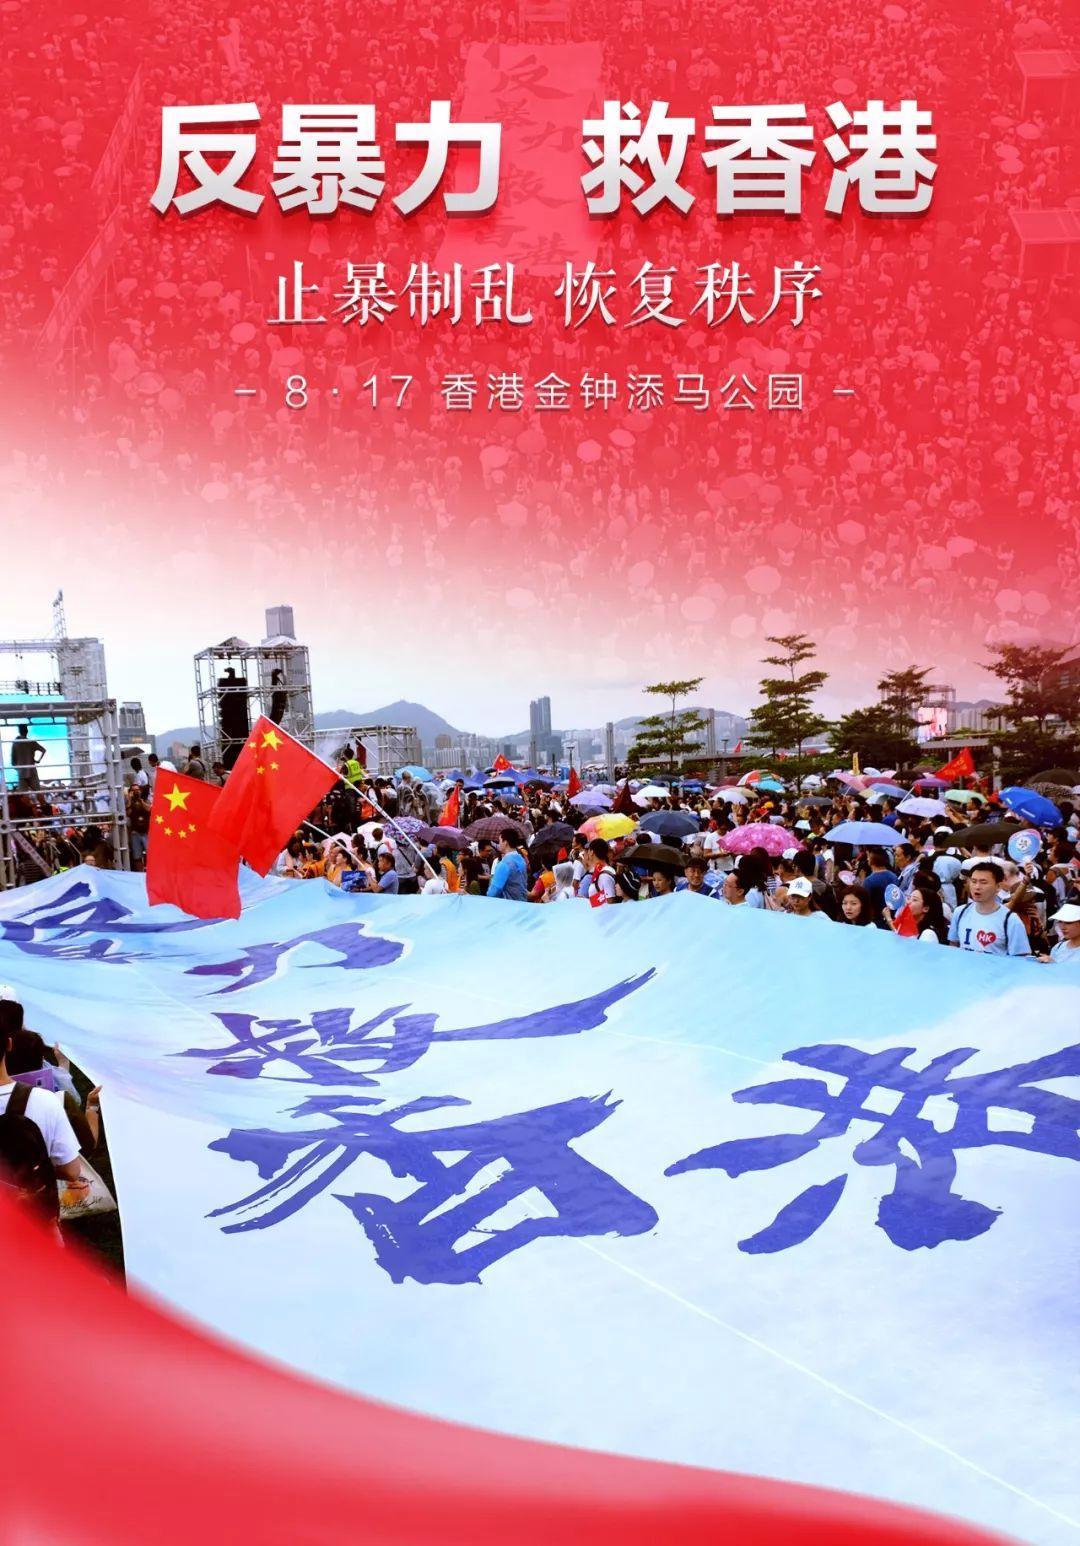 [北京建国男性专科]这才是我们同心建设的香港,这才是广大香港青格处年的模样!